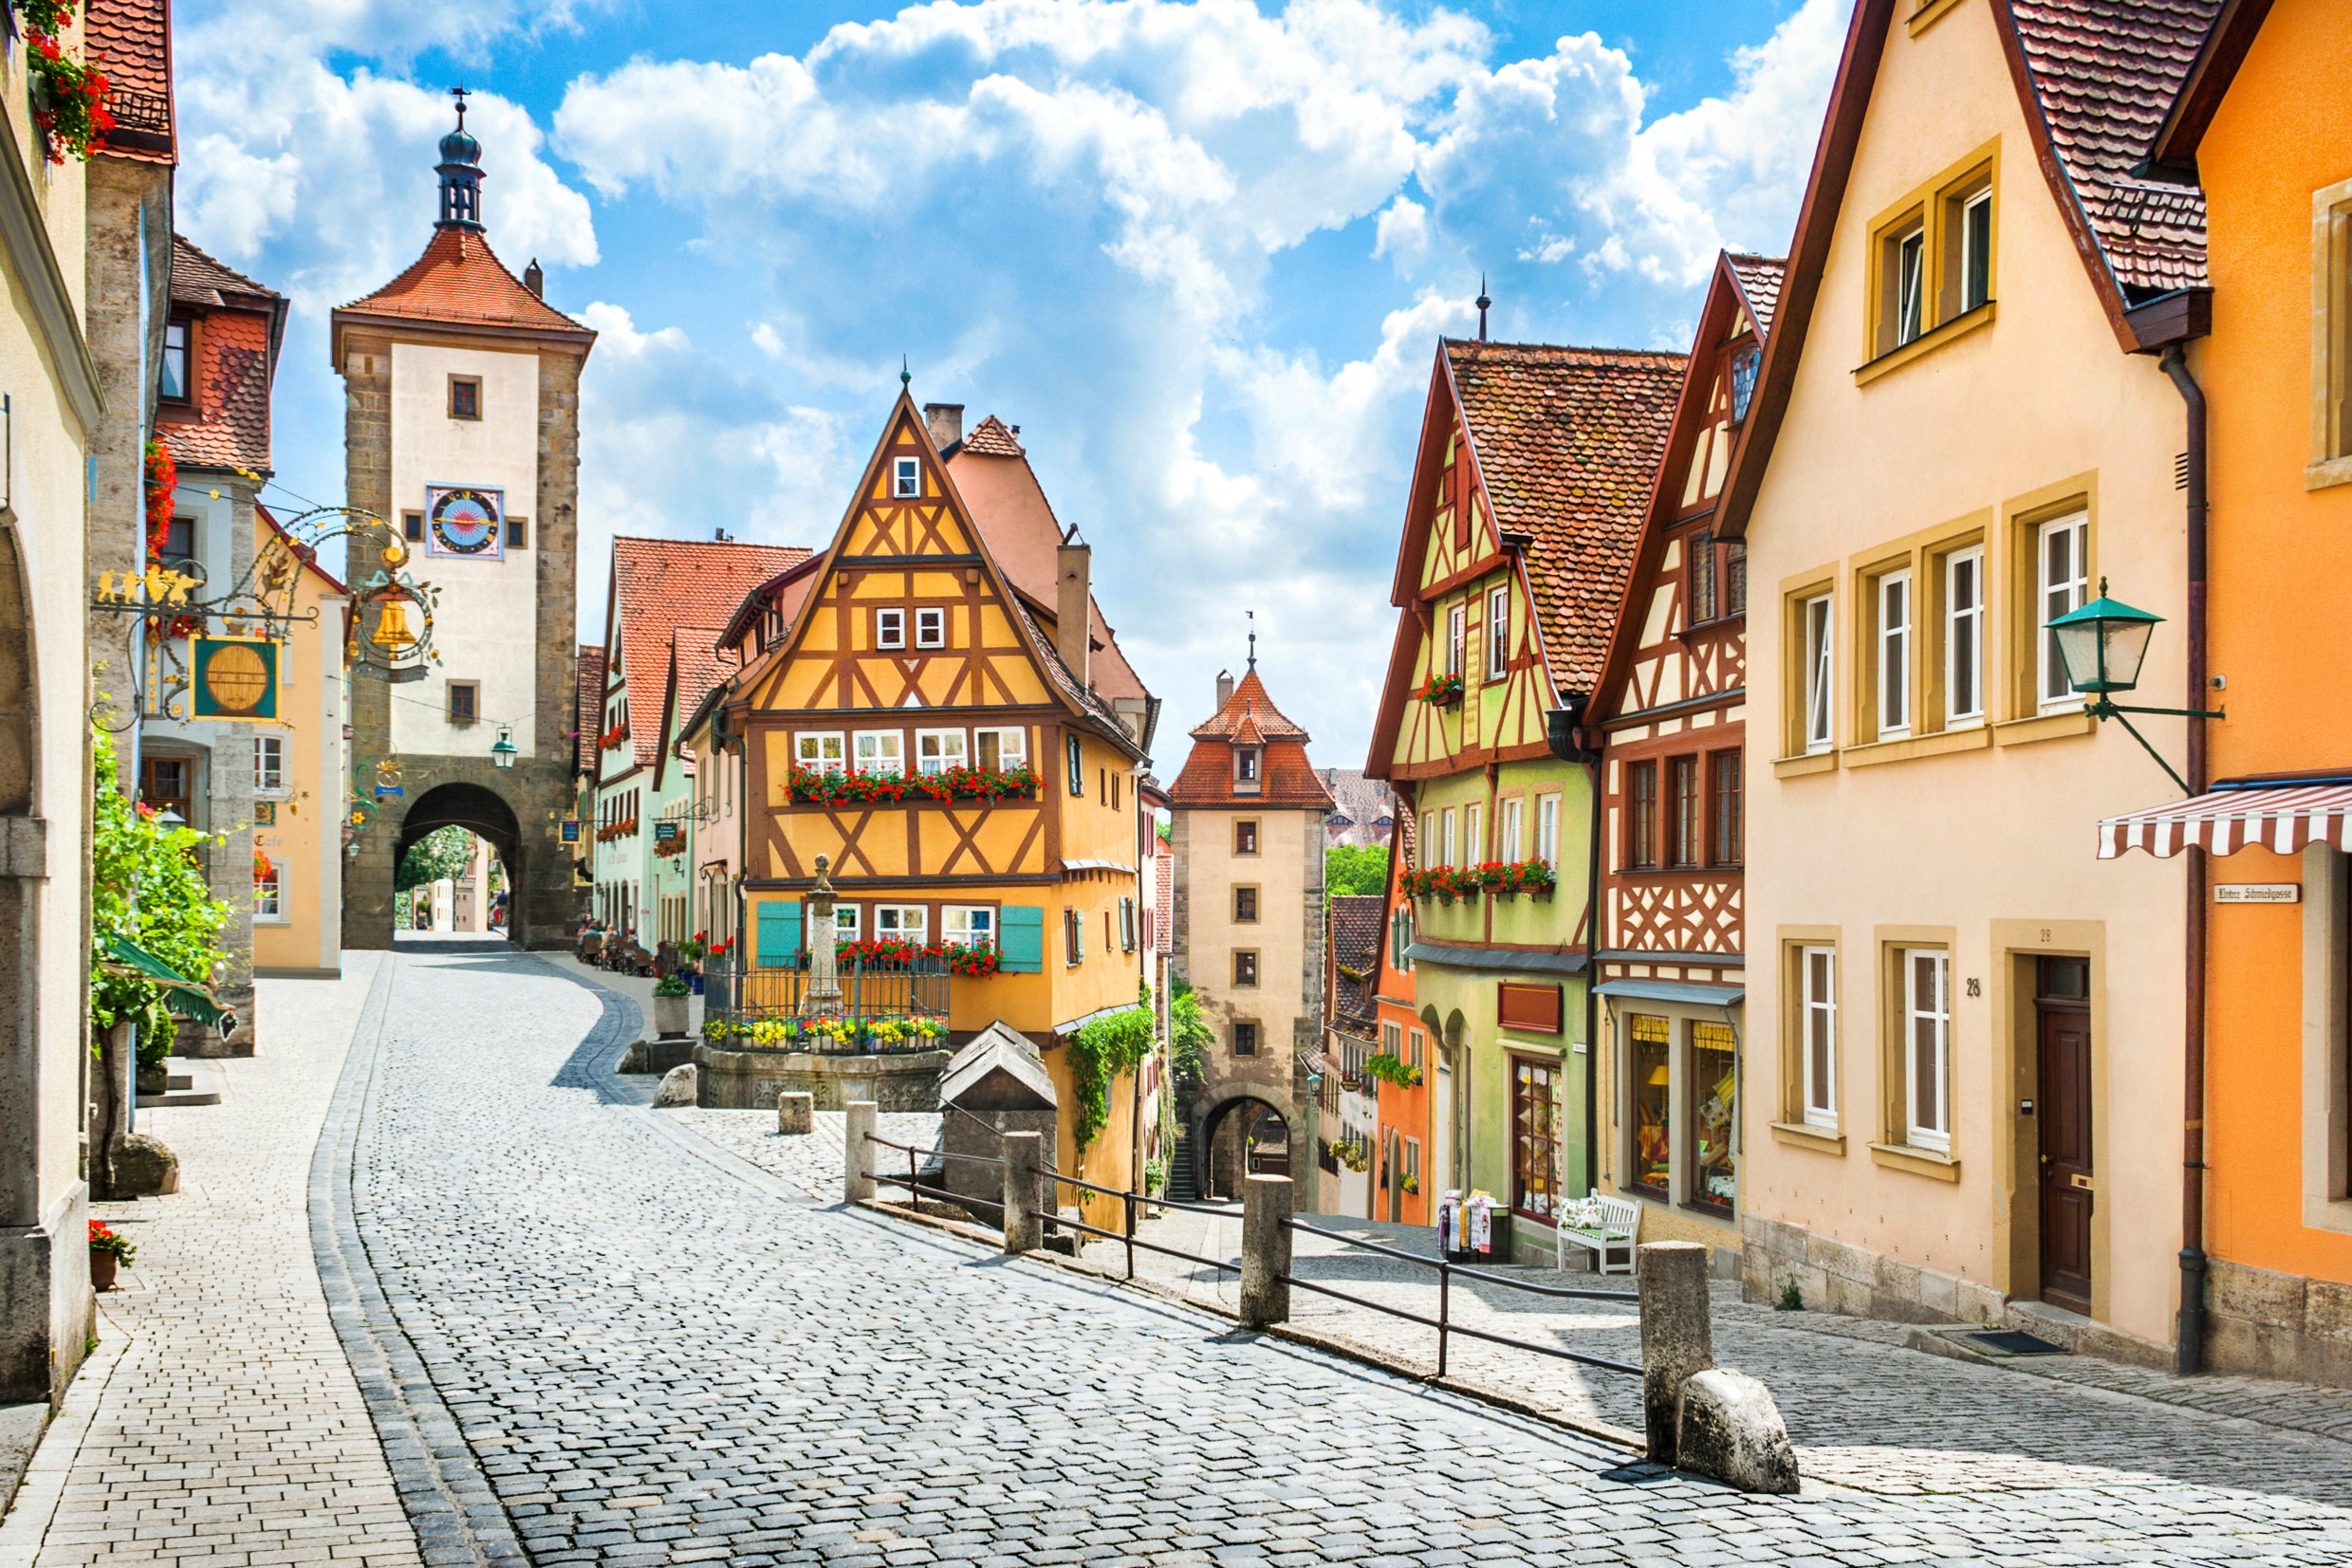 Germany [Shutterstock]